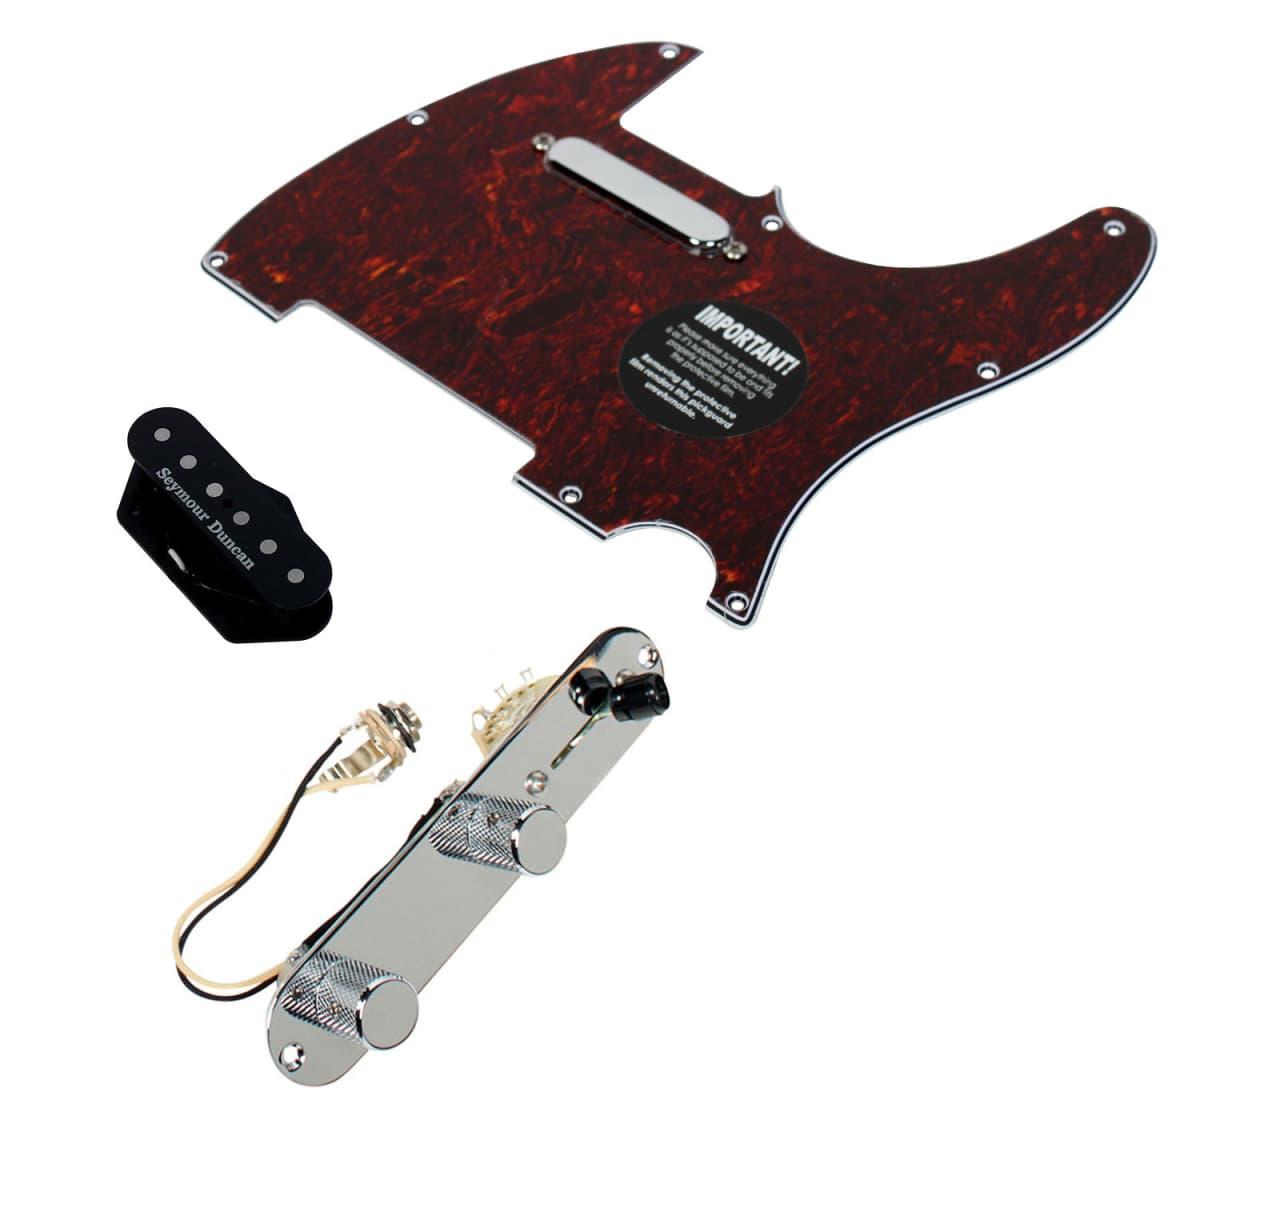 fender tele telecaster loaded pickguard seymour duncan hot reverb. Black Bedroom Furniture Sets. Home Design Ideas